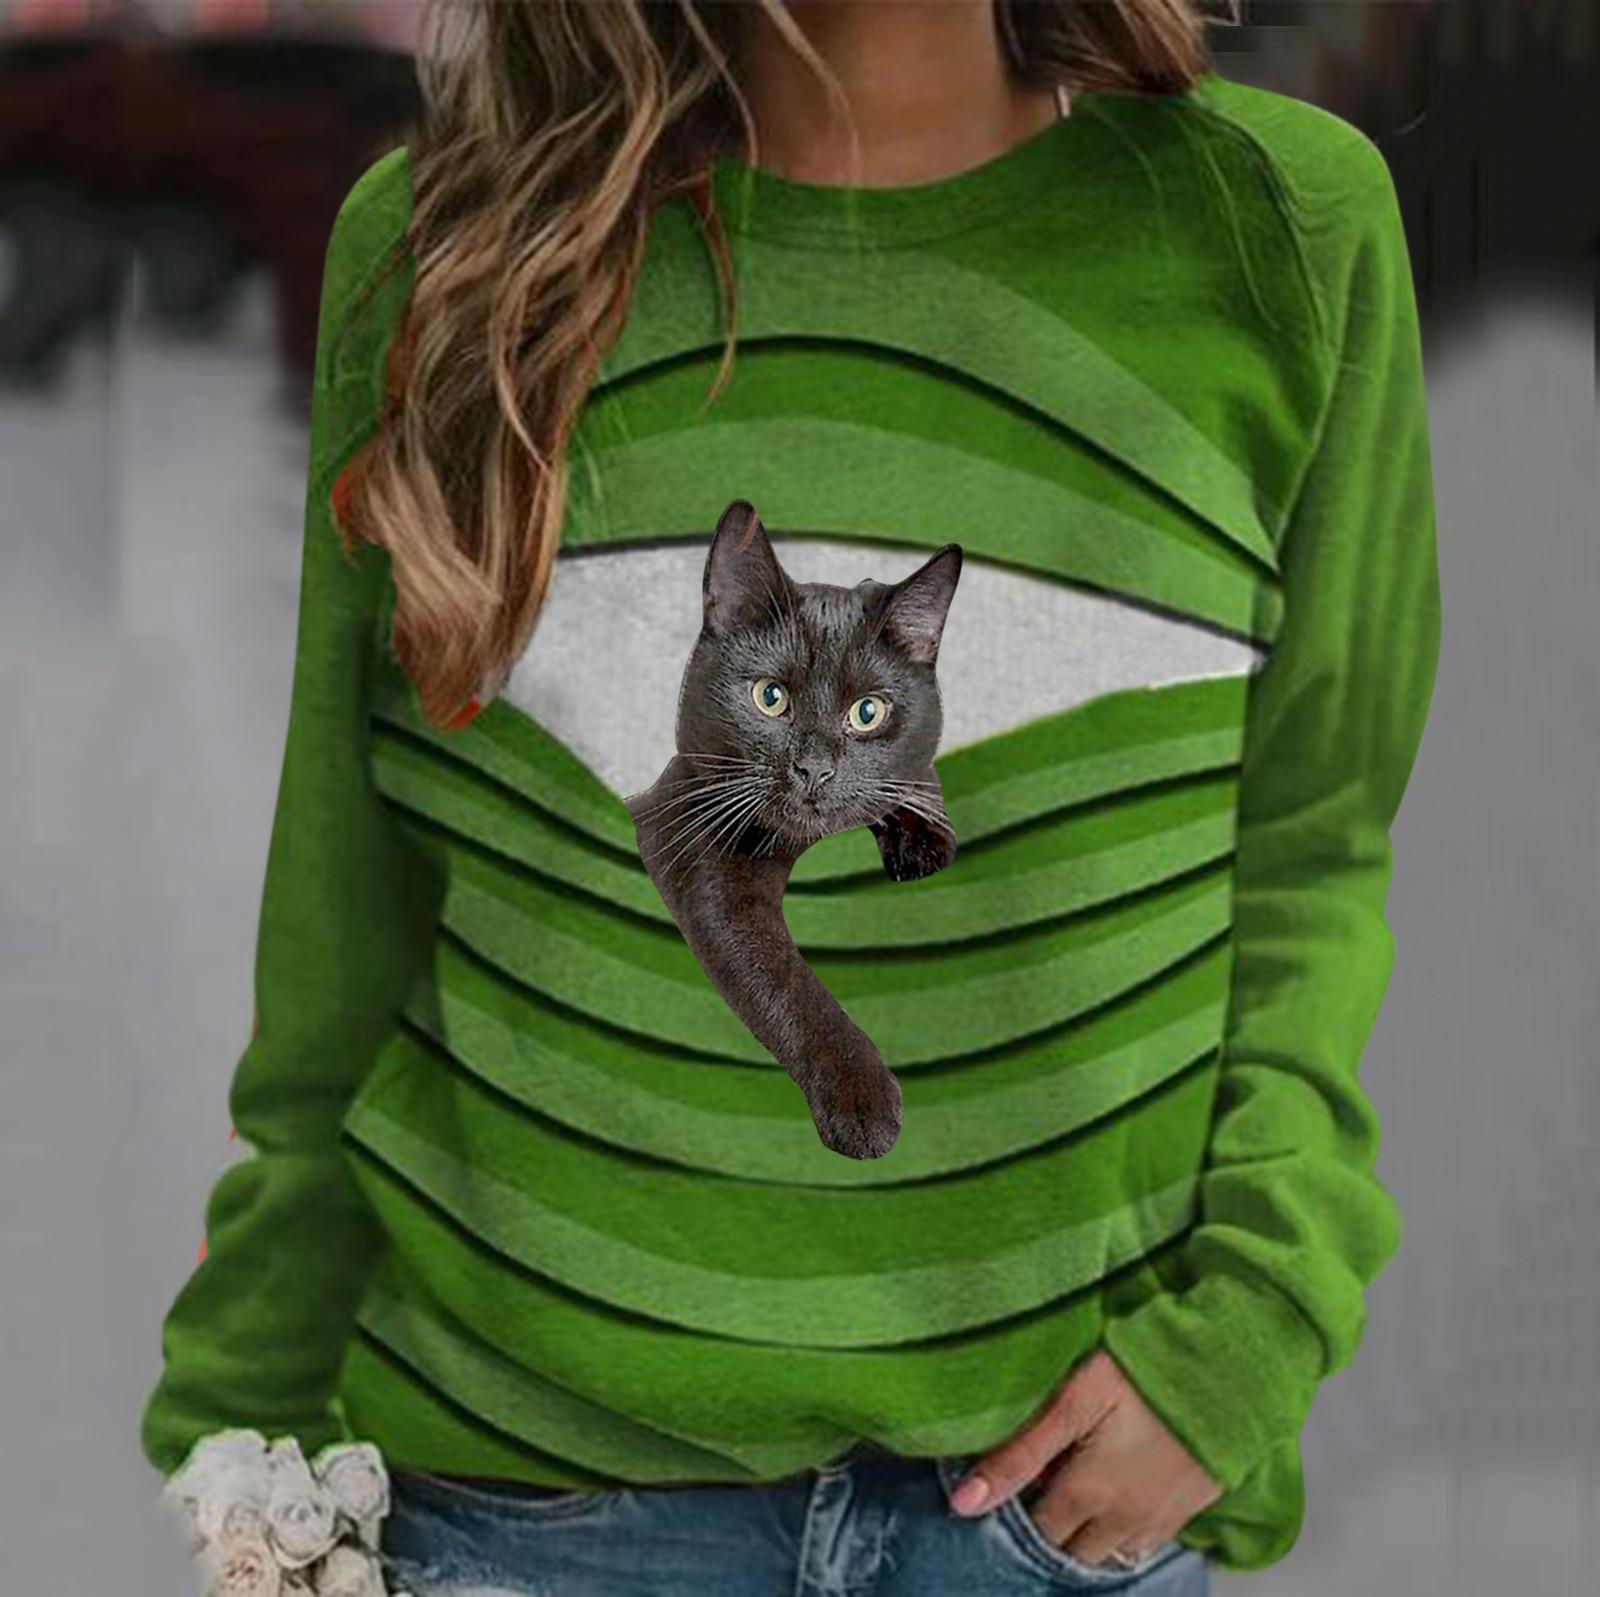 Camiseta de manga longa para mulheres camiseta de manga comprida bonito gato dos desenhos animados estampado topos para mulher mangas completas verde vermelho camisas de mujer elegantes